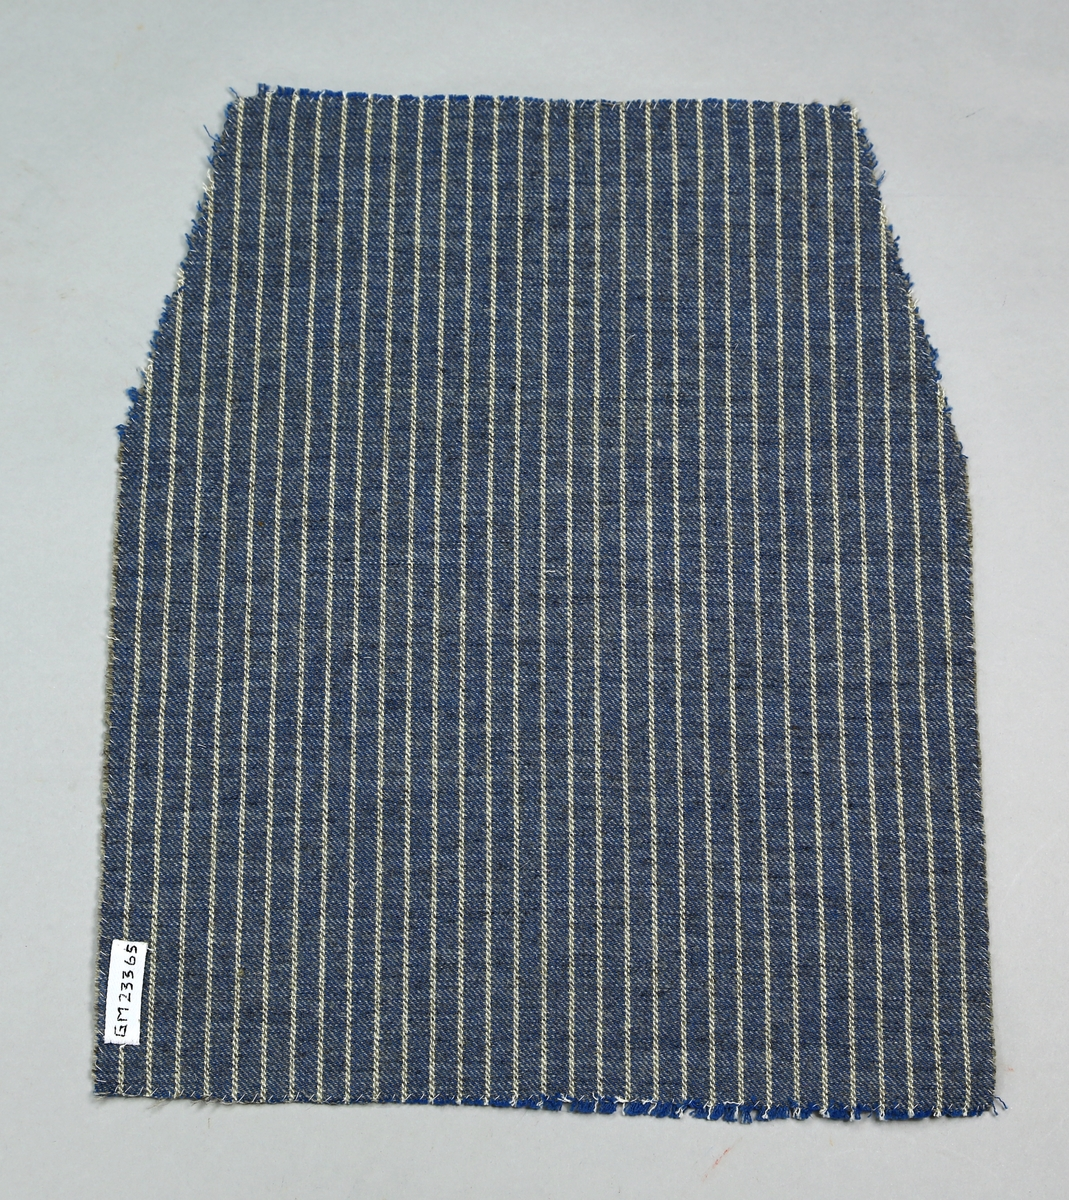 Lapp av kypertvevd stoff med stripemønster. Bomullsrenning, innslag ull. Sidene er kastet over.